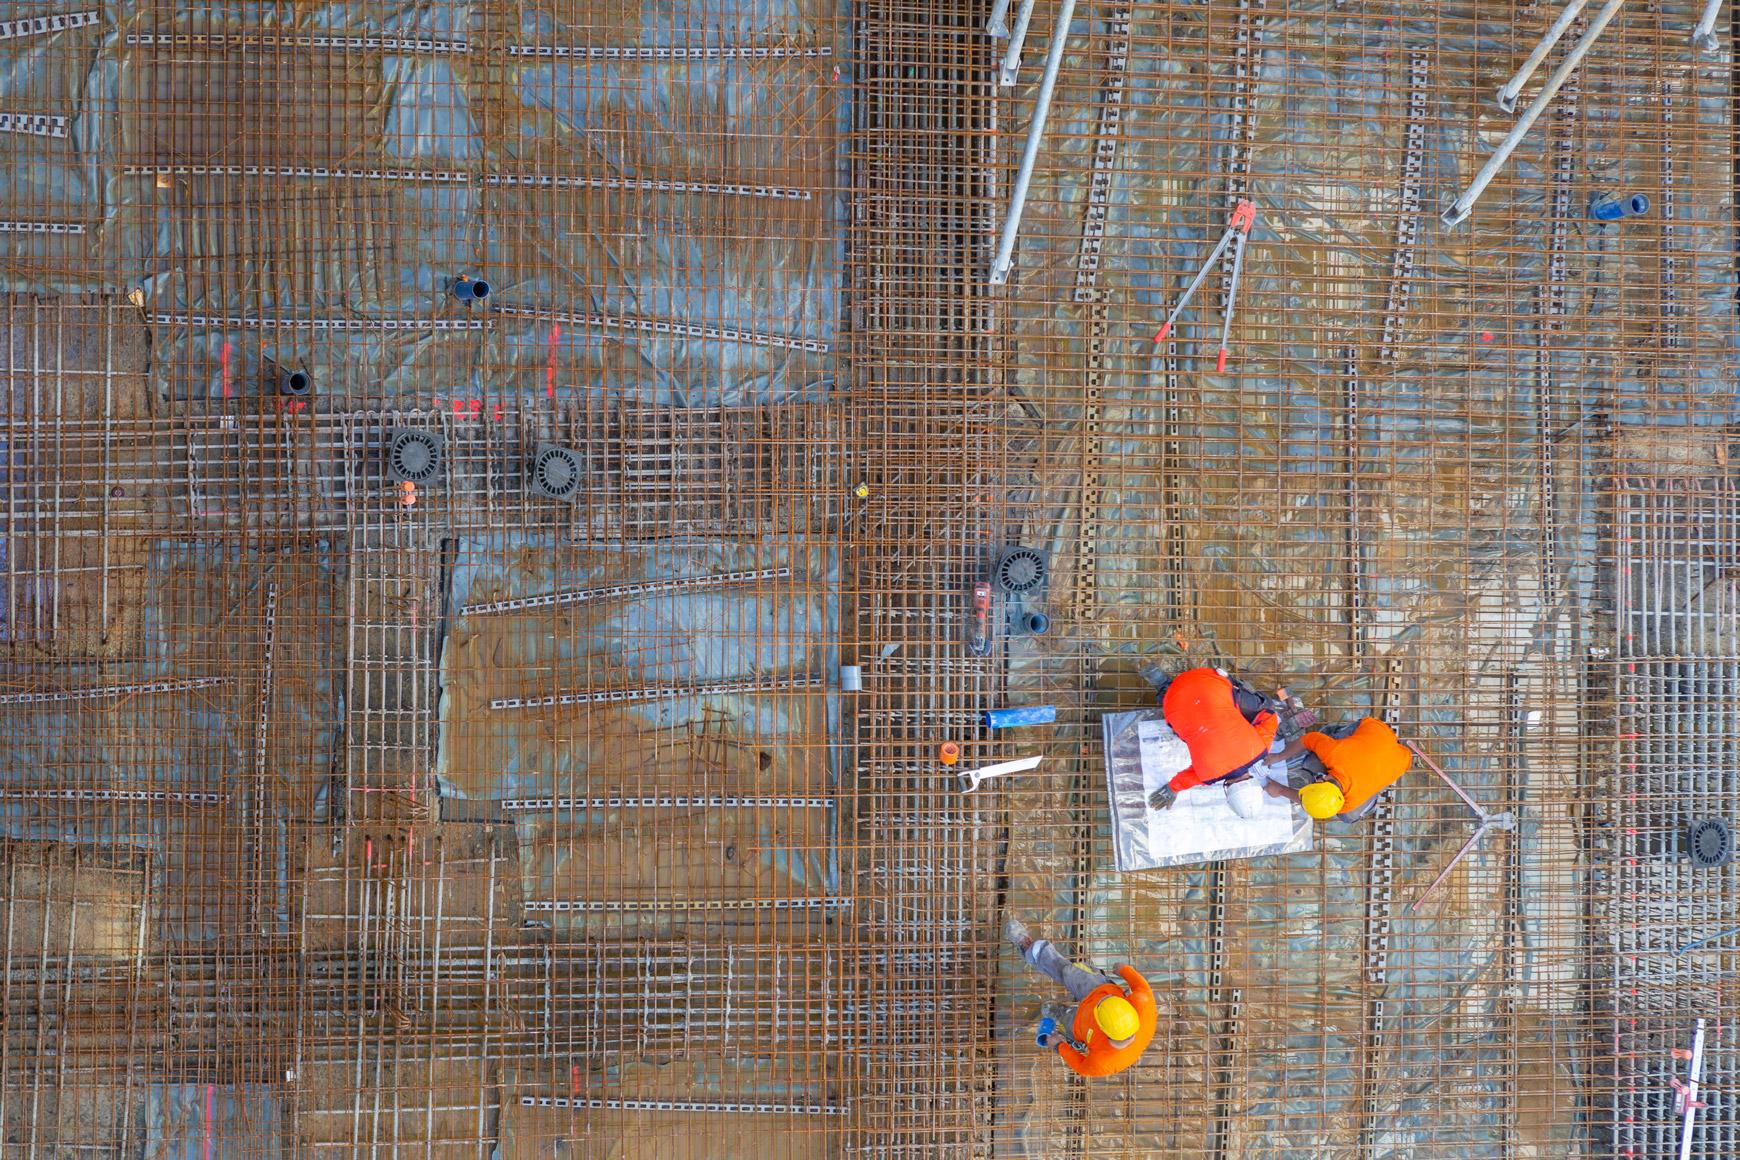 Réhabilitation lourde du siège sociale du Crédit Agricole Centre France à Clermont-Ferrand, labélisé BREEAM EXCELLENT, réalisé par le pôle Tertiaire de l'agence d'architecture SOHO ATLAS IN FINE LYON. Photo de chantier, focus sur ouvriers et plan.